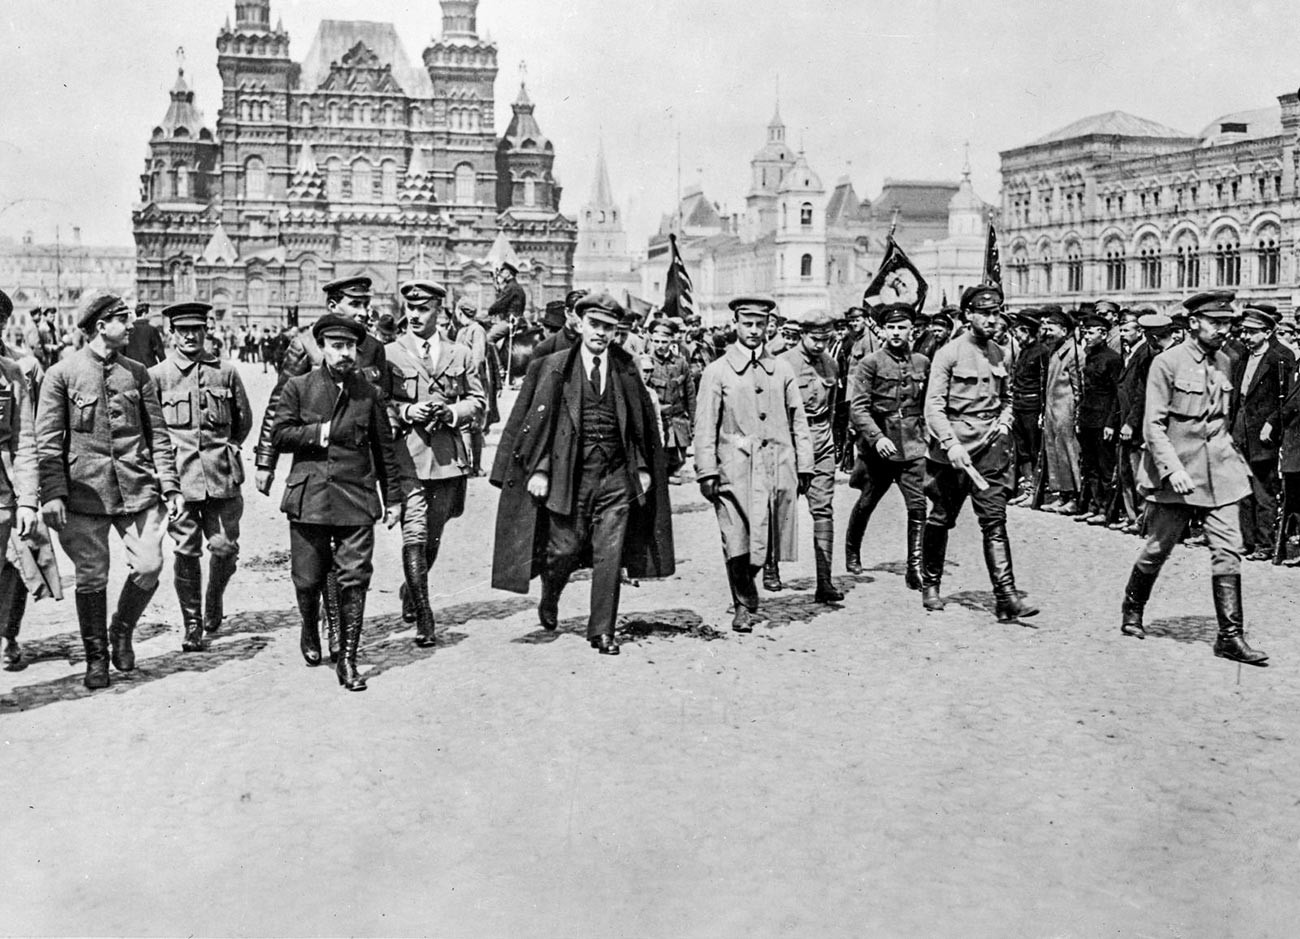 В. Ленин, Н. Бухарин и другие советские лидеры на Красной Площади